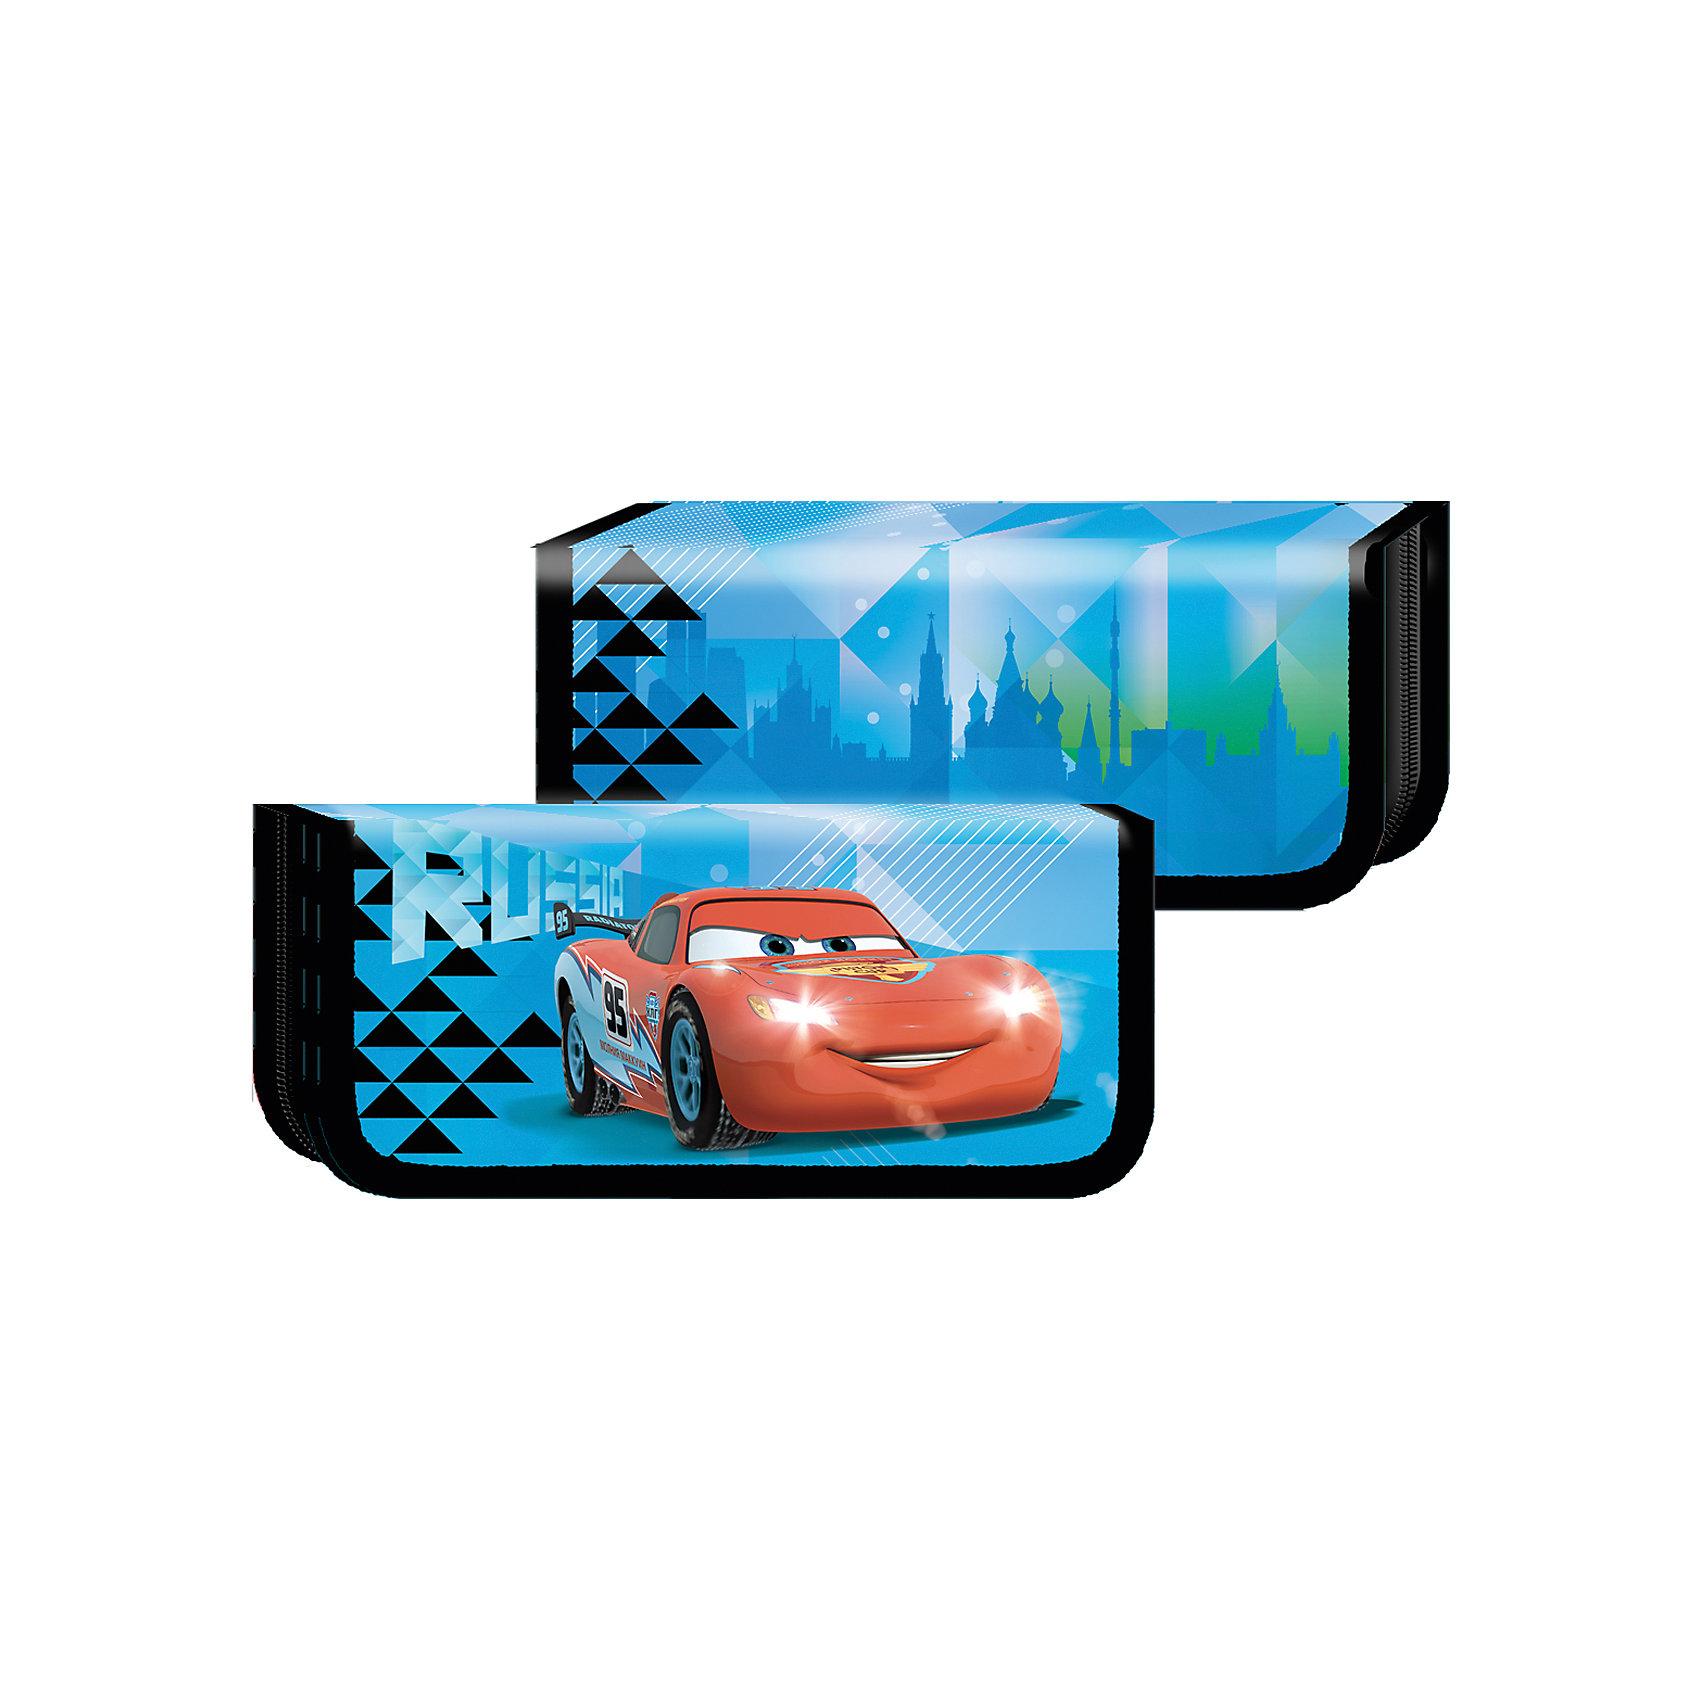 Пенал Лед, ТачкиПенал «Лед» ТМ «Disney/Pixar» Тачки – это стильный и модный аксессуар, в котором все школьные  принадлежности будут в целости и сохранности. В его отделении на молнии расположены специальные петельки из резинки, которые фиксируют ручки и карандаши, маркеры и ластик, точилку и другие предметы. Пенал выполнен из ламинированного картона и полиэстера. Аксессуар декорирован привлекательным принтом: ярким снаружи и ахроматическим внутри.<br><br>Ширина мм: 200<br>Глубина мм: 90<br>Высота мм: 30<br>Вес г: 70<br>Возраст от месяцев: 72<br>Возраст до месяцев: 120<br>Пол: Унисекс<br>Возраст: Детский<br>SKU: 4637451